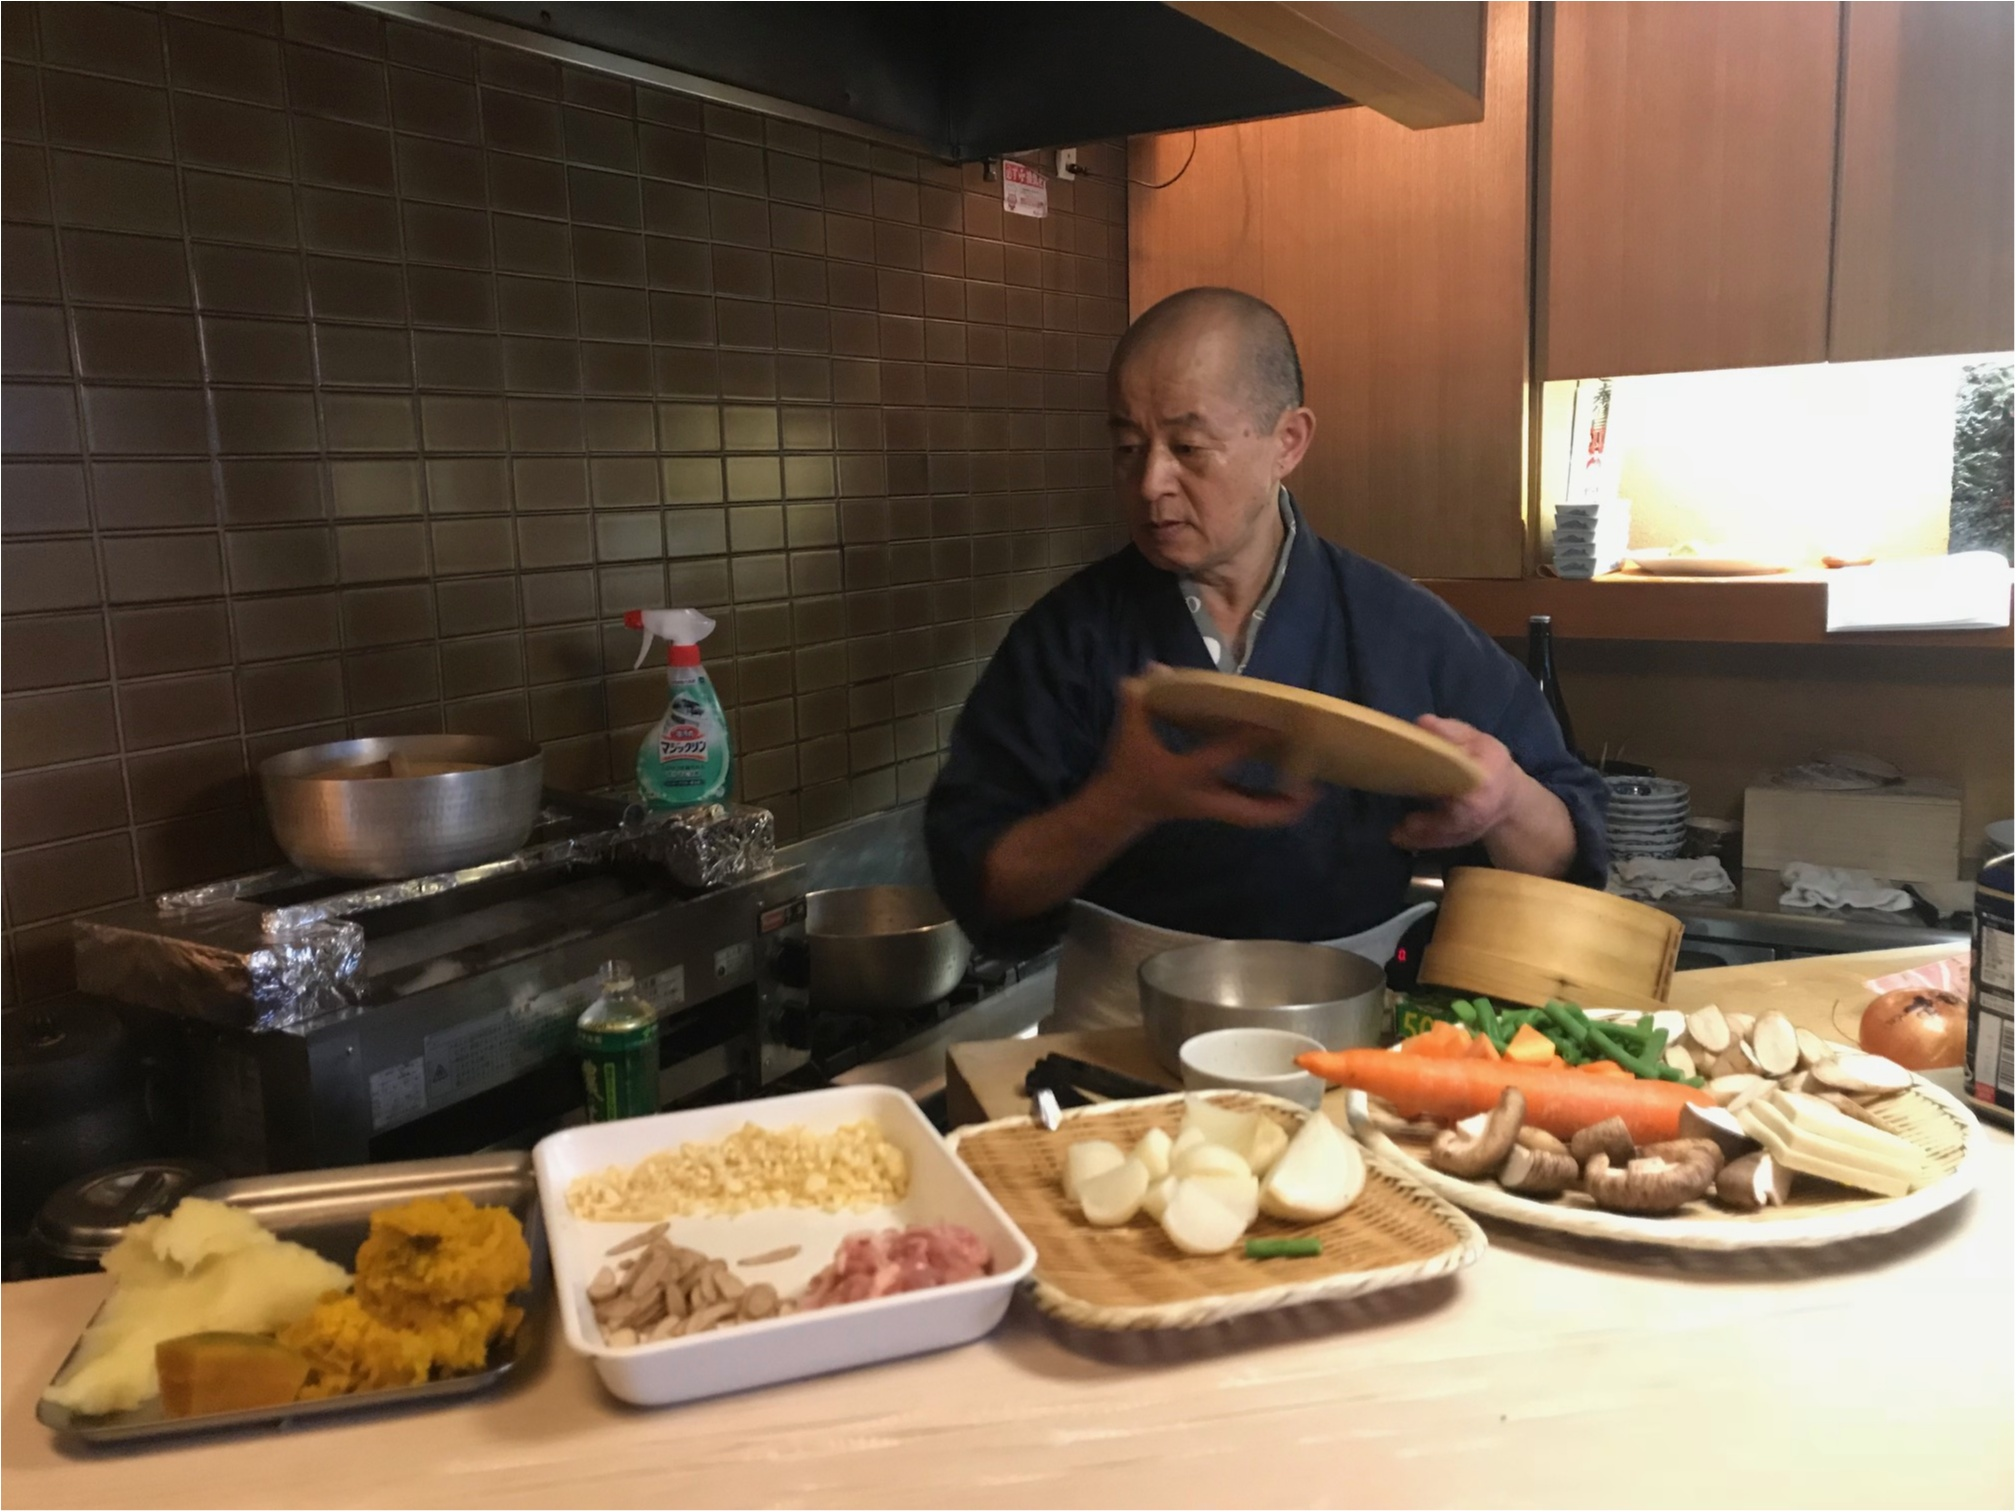 ミシュランの星を6年連続で獲得した一流料理店「割烹すずき」で学ぶ! 「八方だし」を使った『ミツカン』料理教室レポ_2